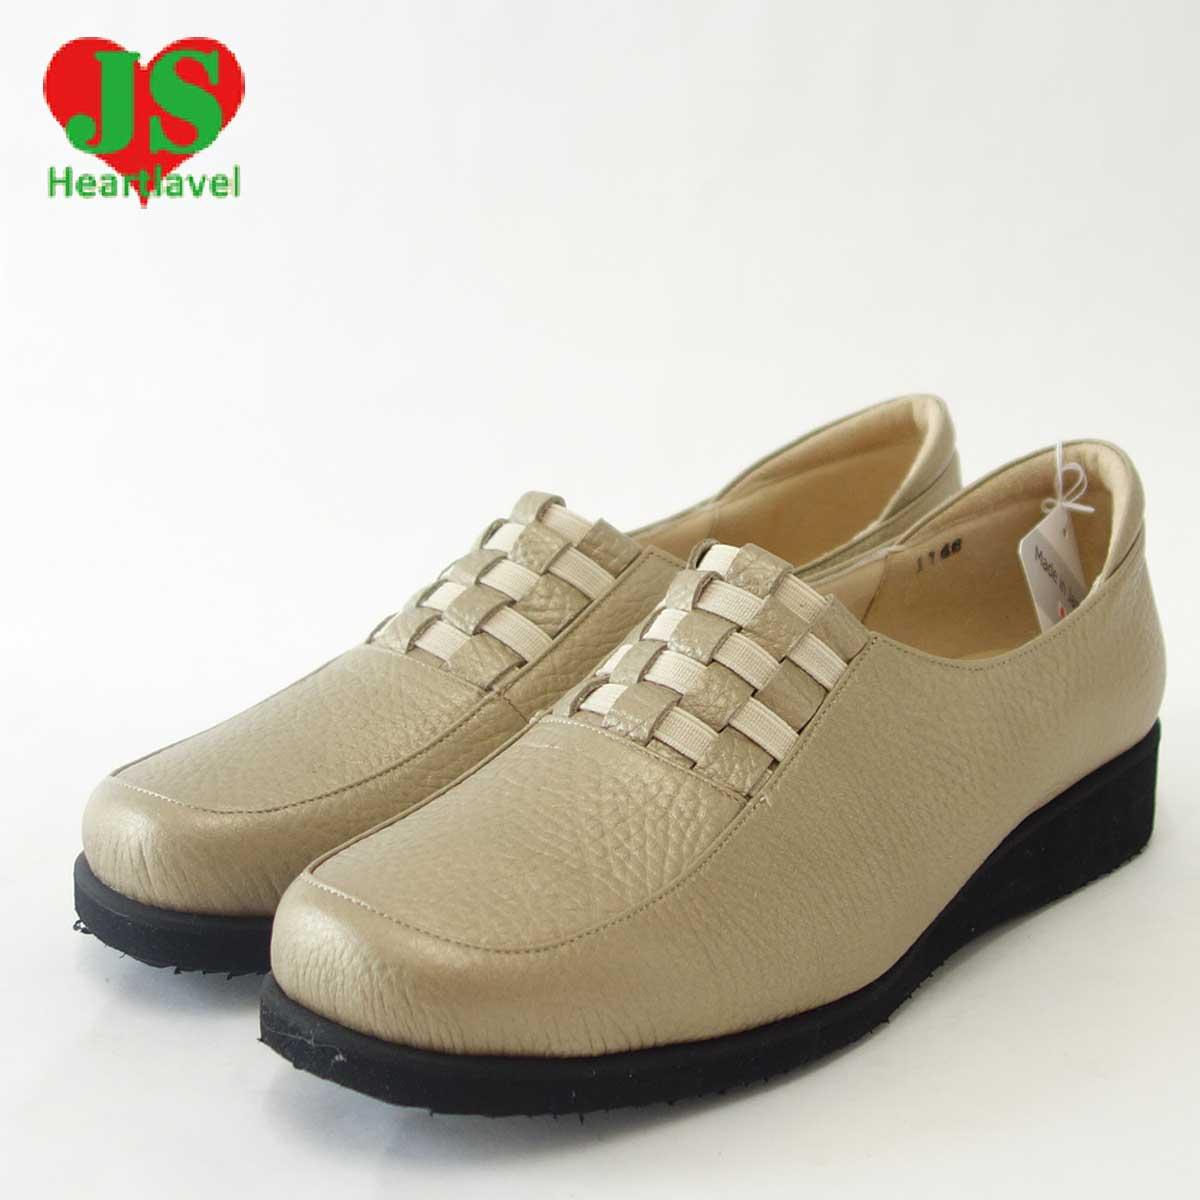 JS Heartlavel ジェイエス ハートラベル1146 ゴールド(レディース)日本製ゆったりEEEEの楽ちんシューズ天然皮革のカジュアルシューズ 「靴」